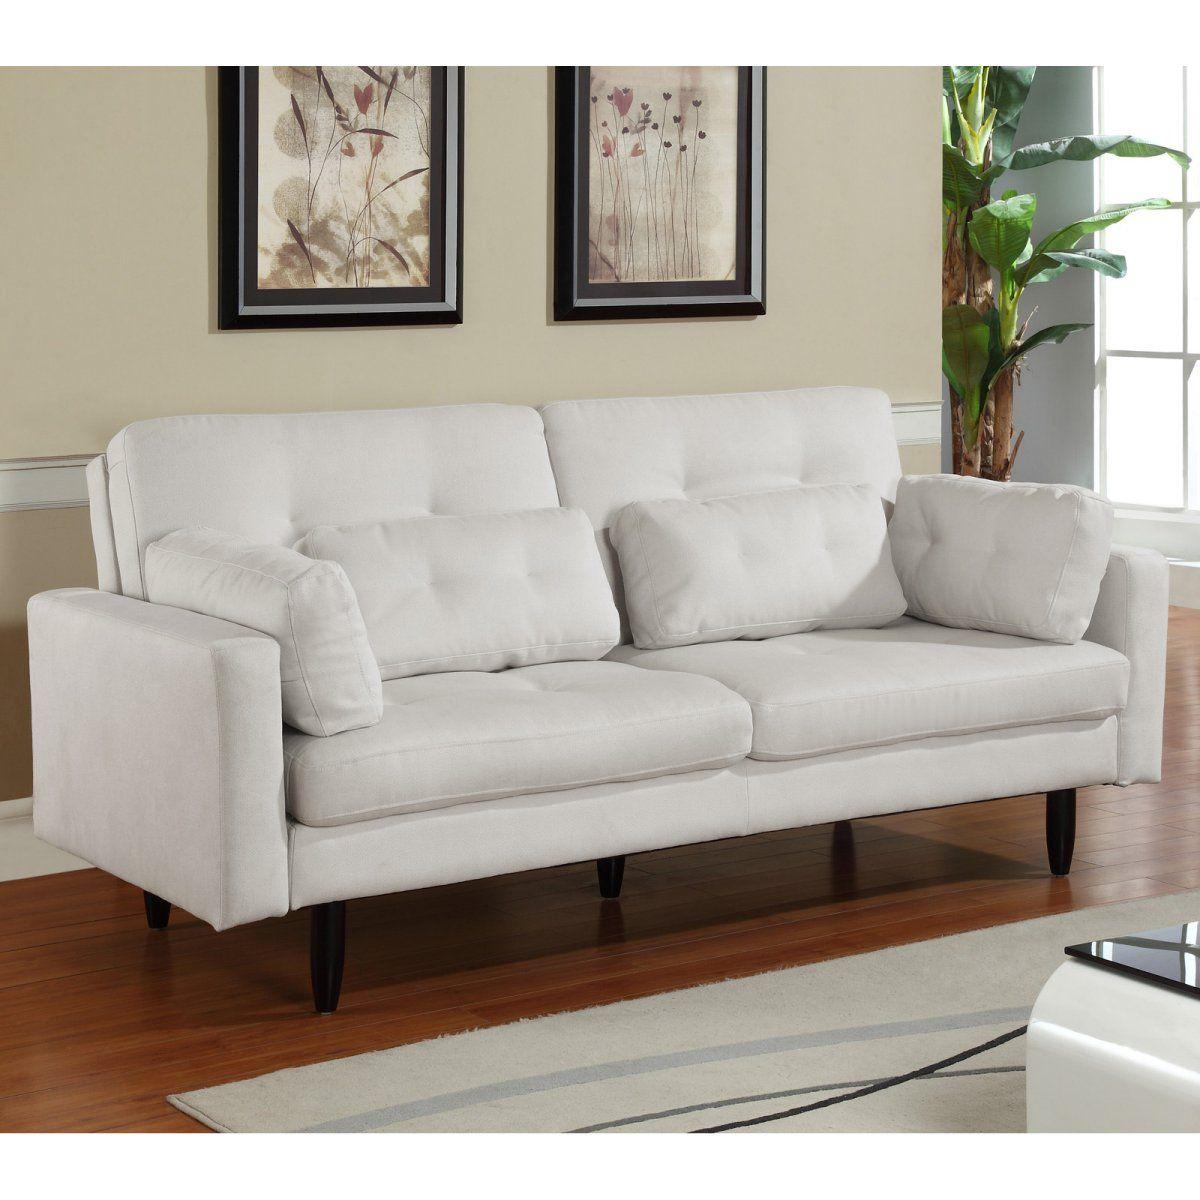 Encore Bone Fabric Convertible Sofa 599 Dimensions 83 9l X 39 8w